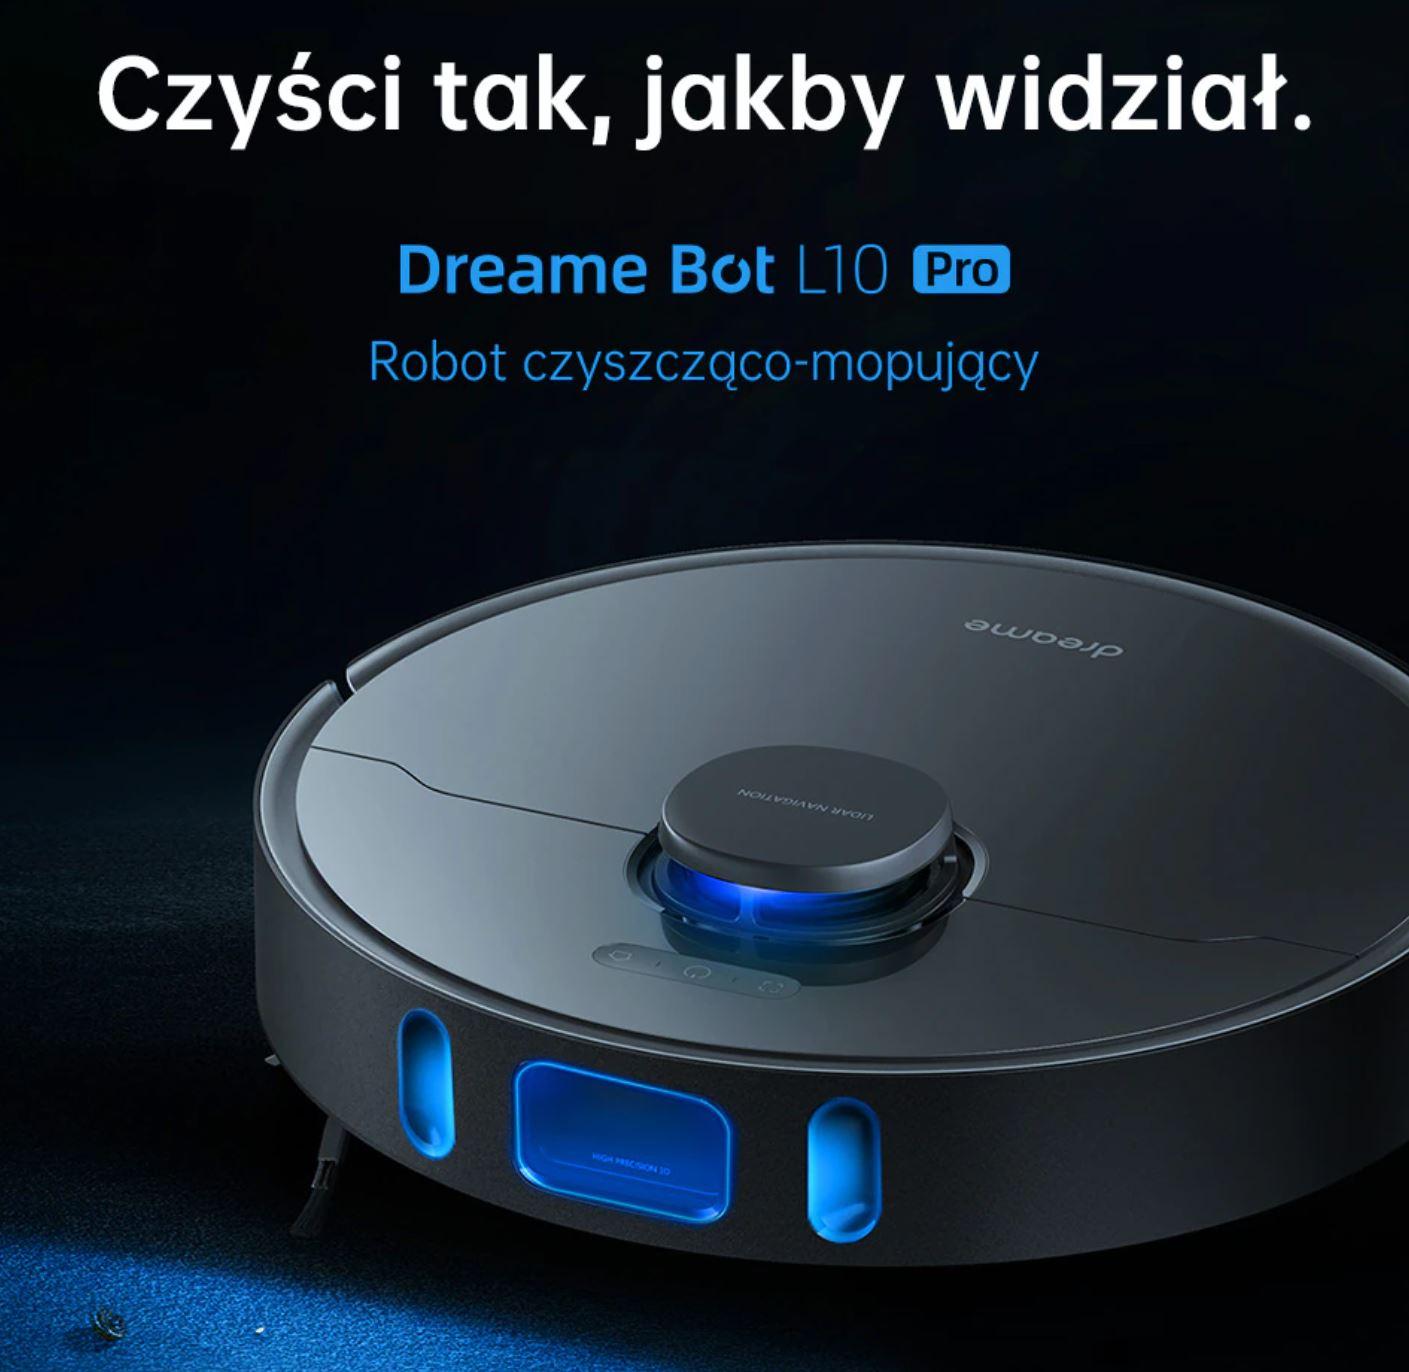 Dreame Bot L10 Pro - robot sprzątający